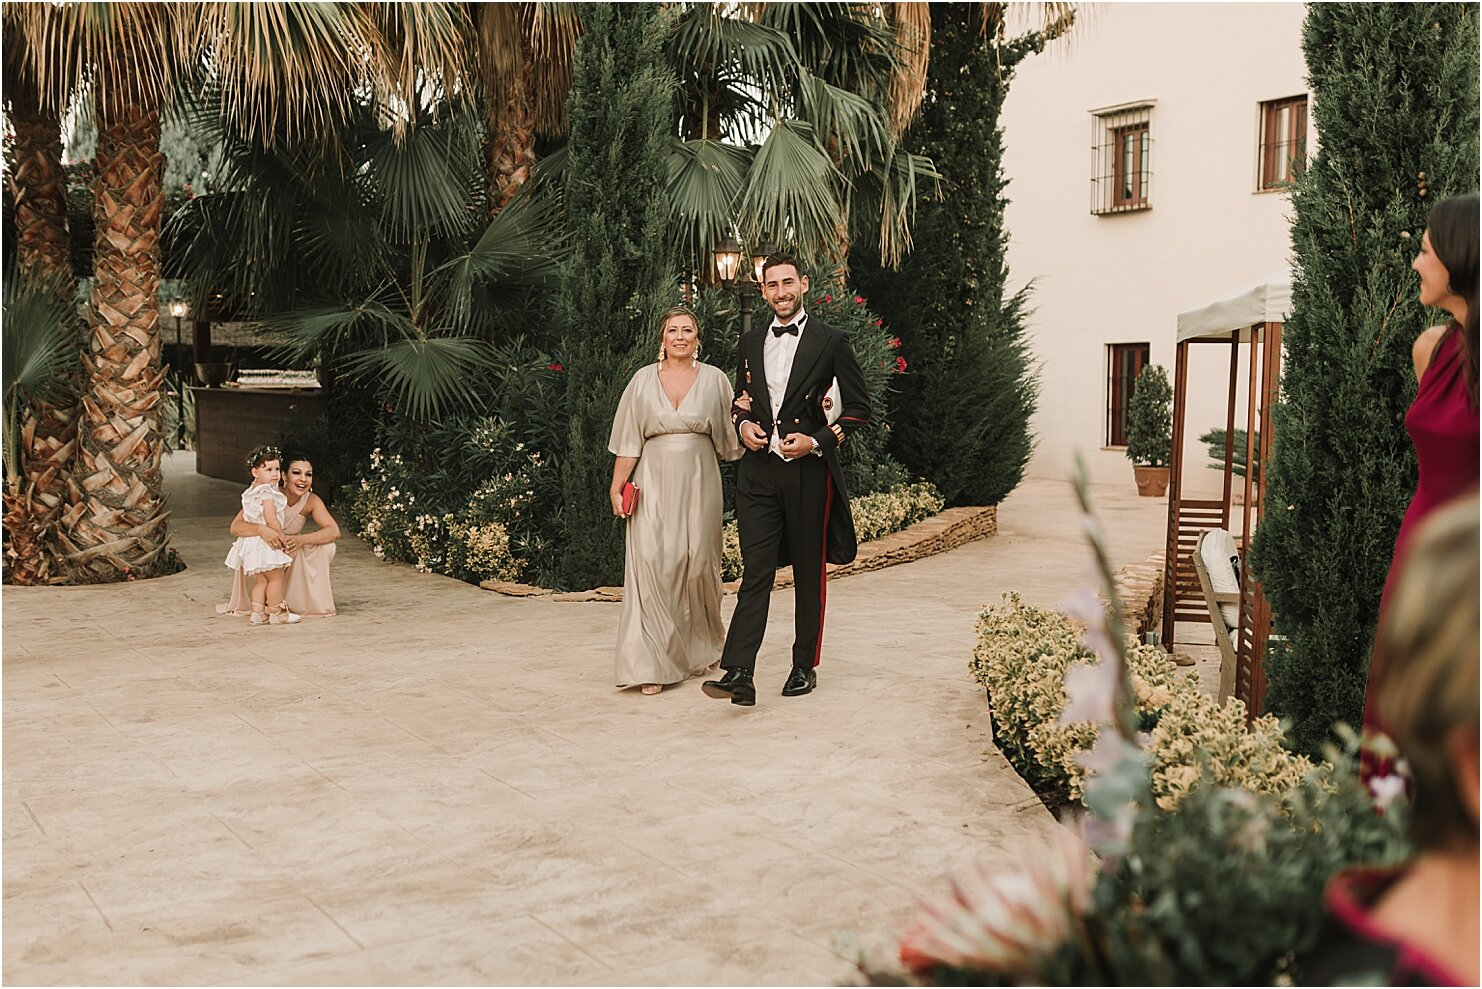 boda-romantica-boda-boho-vestido-de-novia-laura-lomas7.jpg